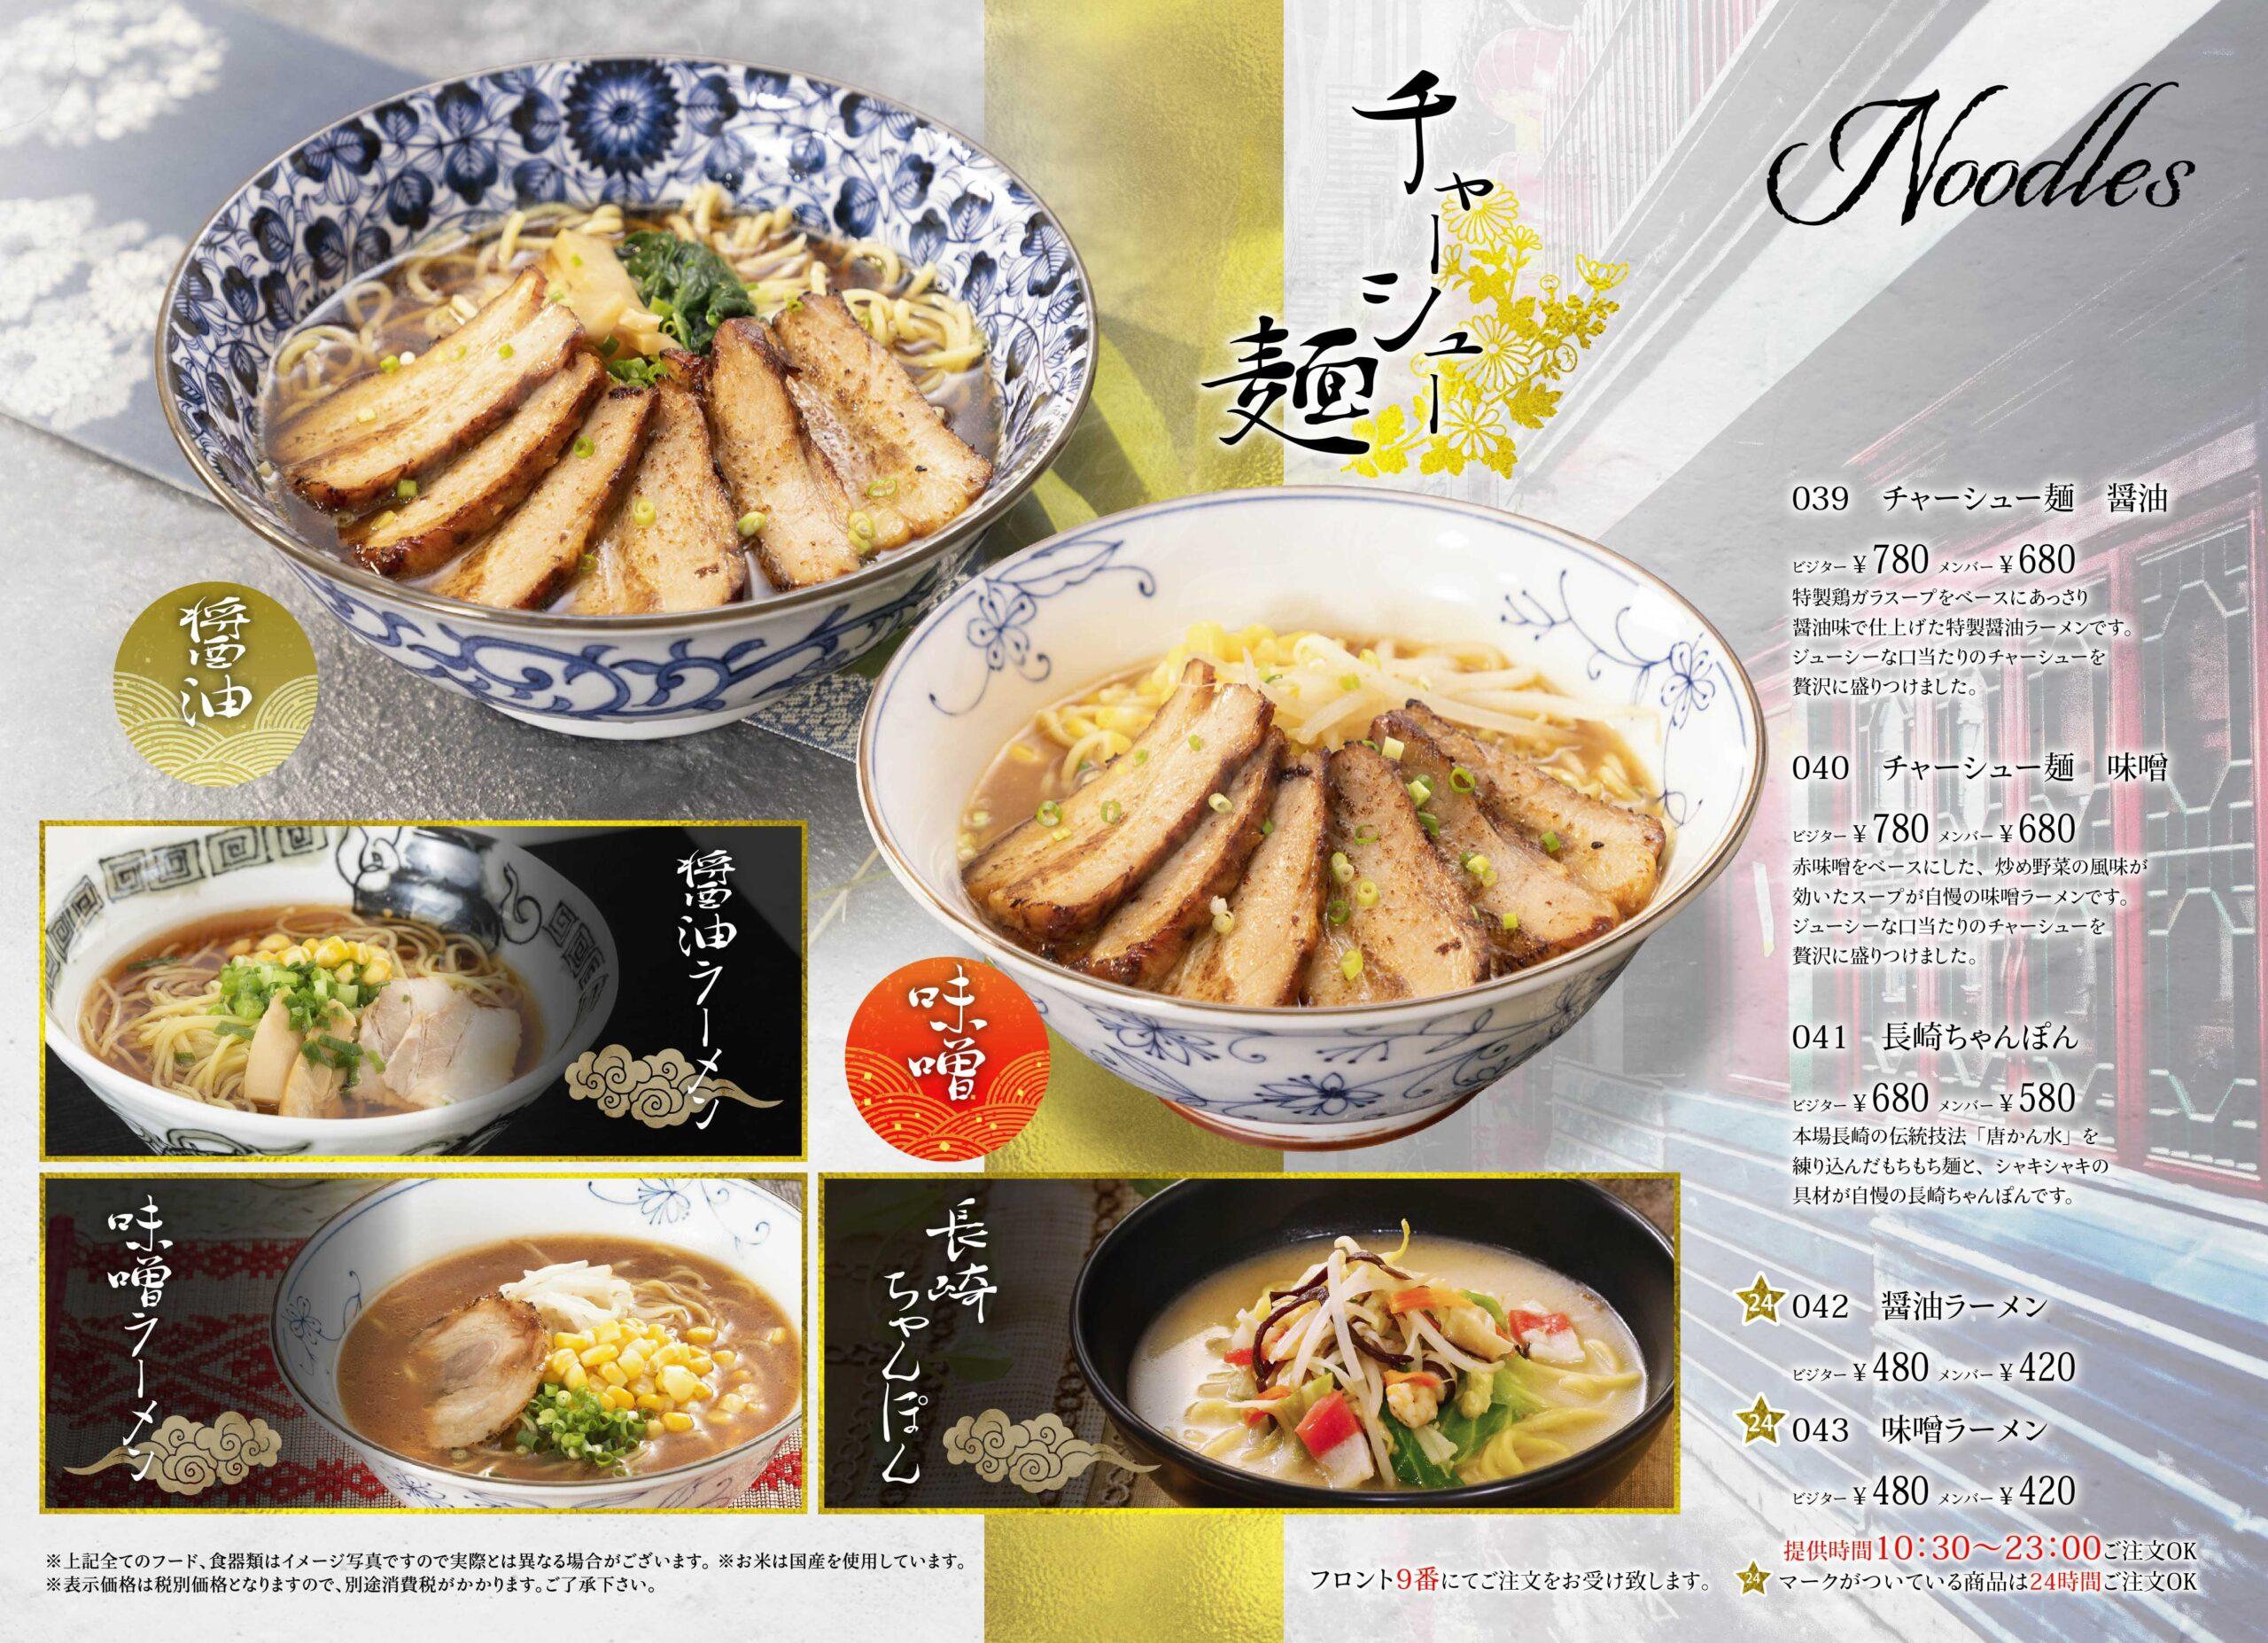 Hotel Pao(ホテルパオ) フード・ドリンクメニュー「麺・ラーメン・ちゃんぽん」